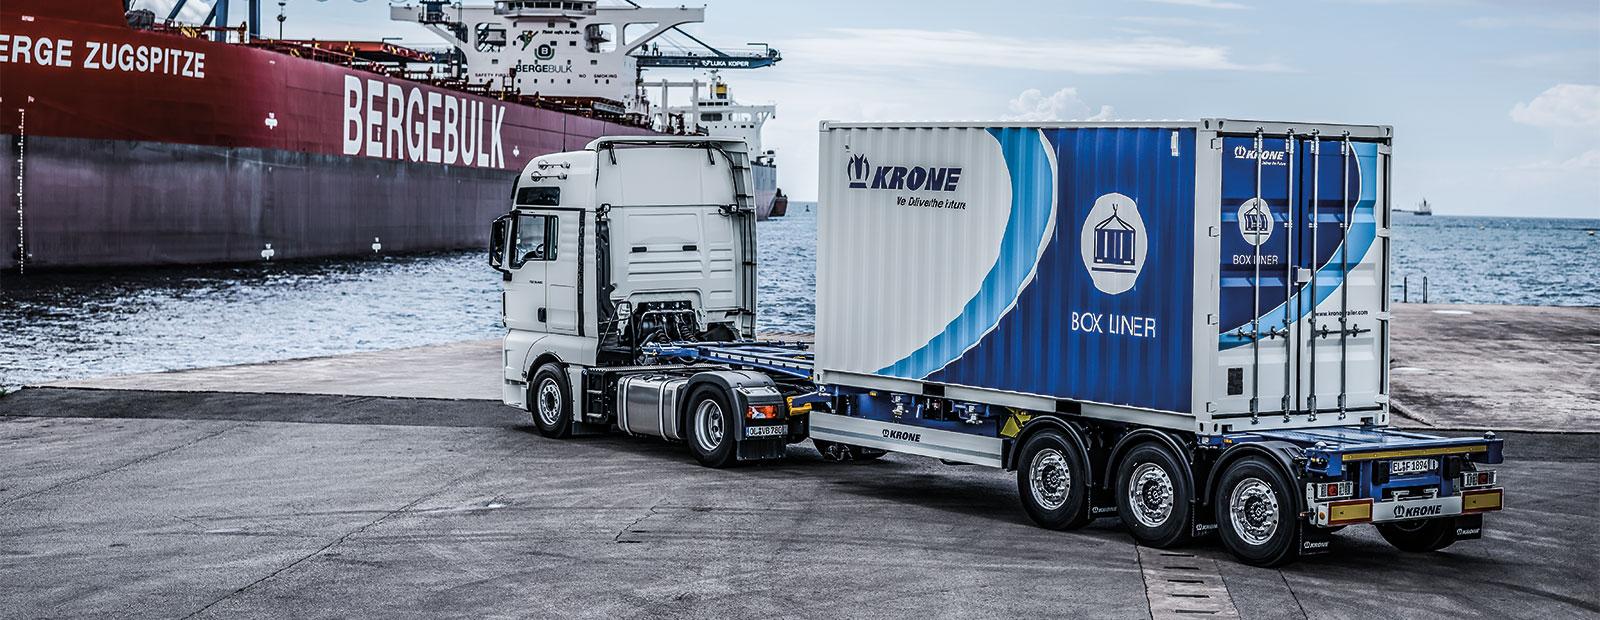 Krone intermodale container